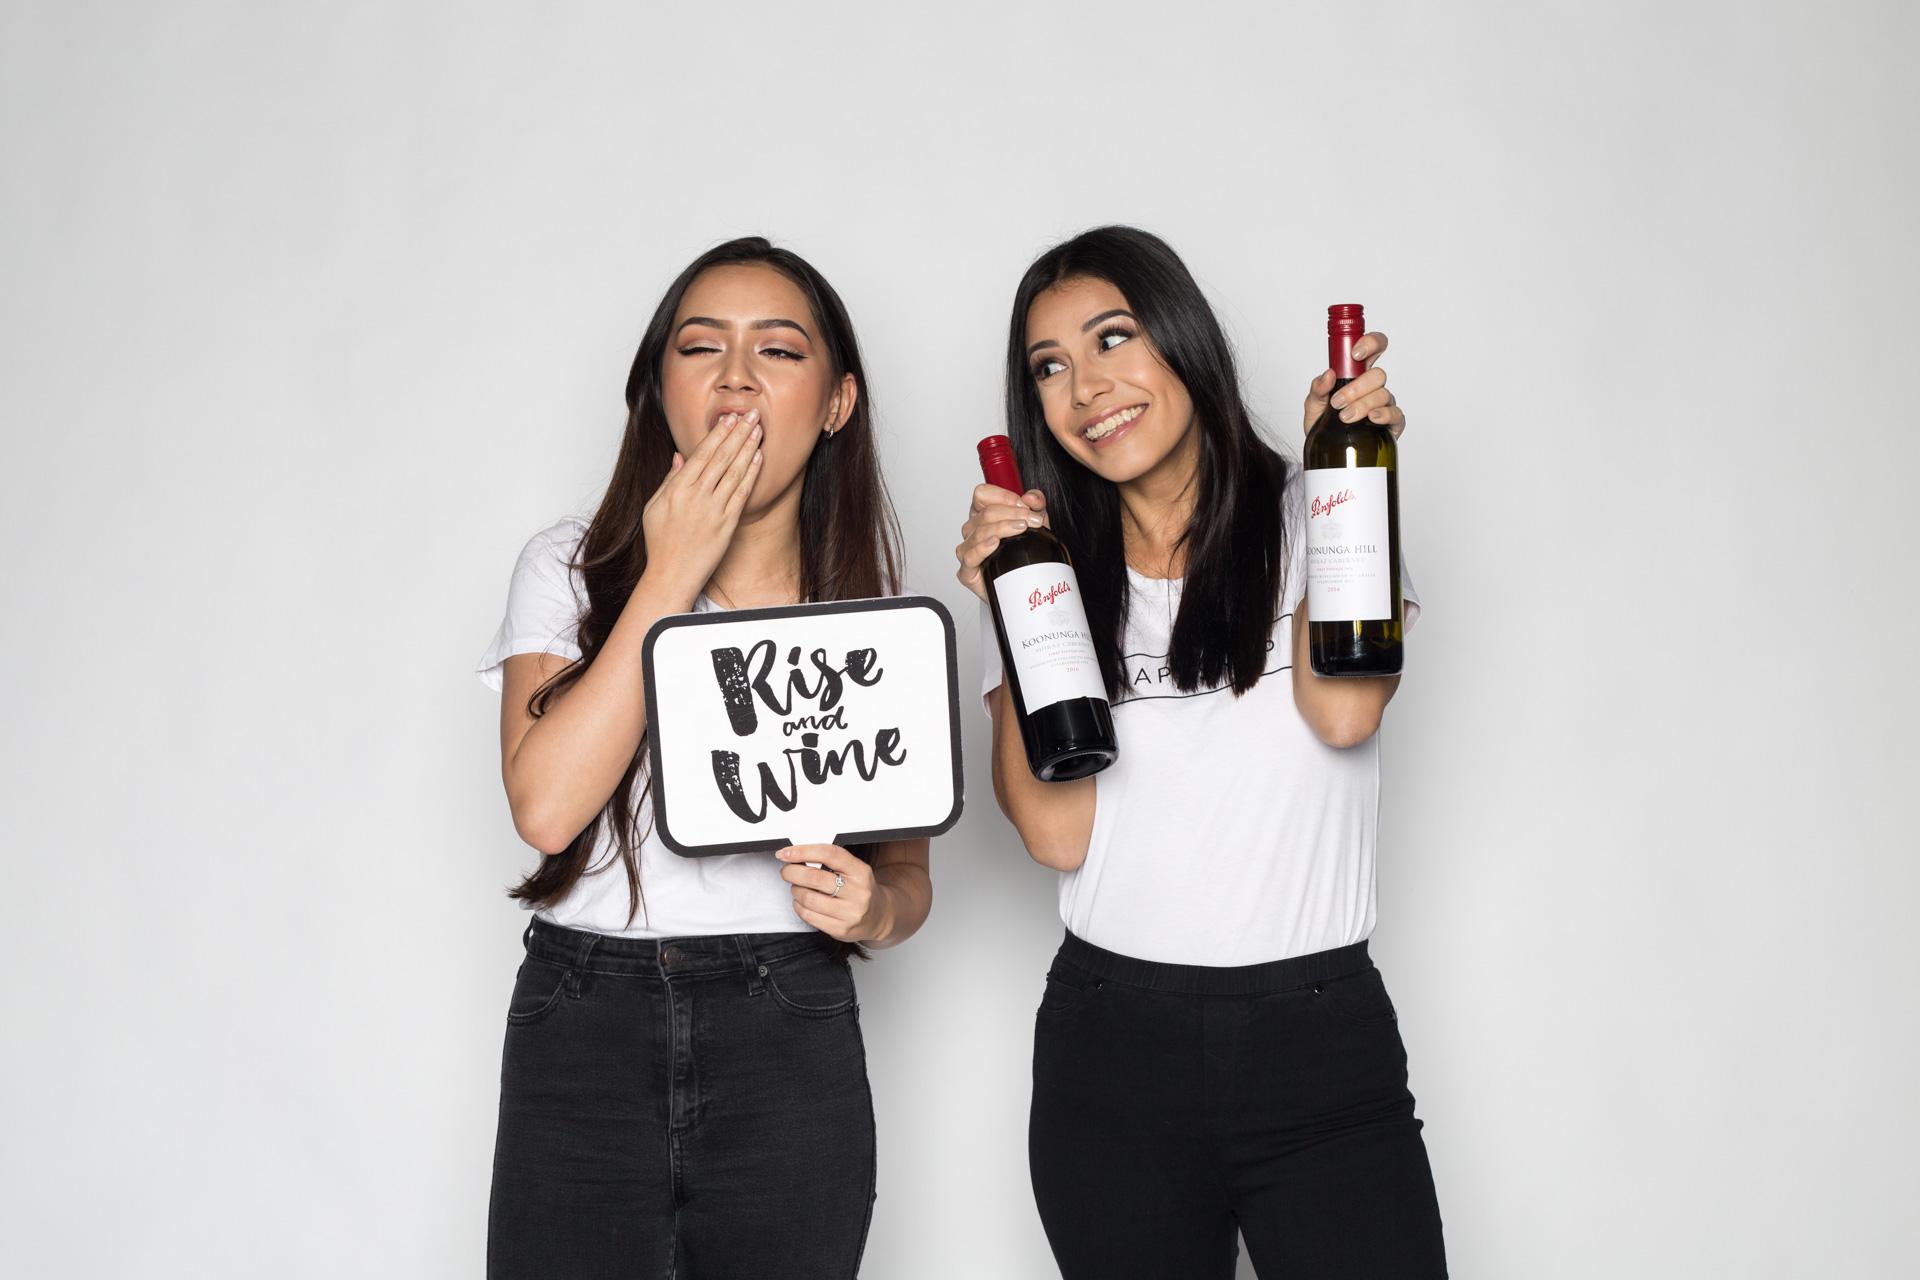 Rise & Wine